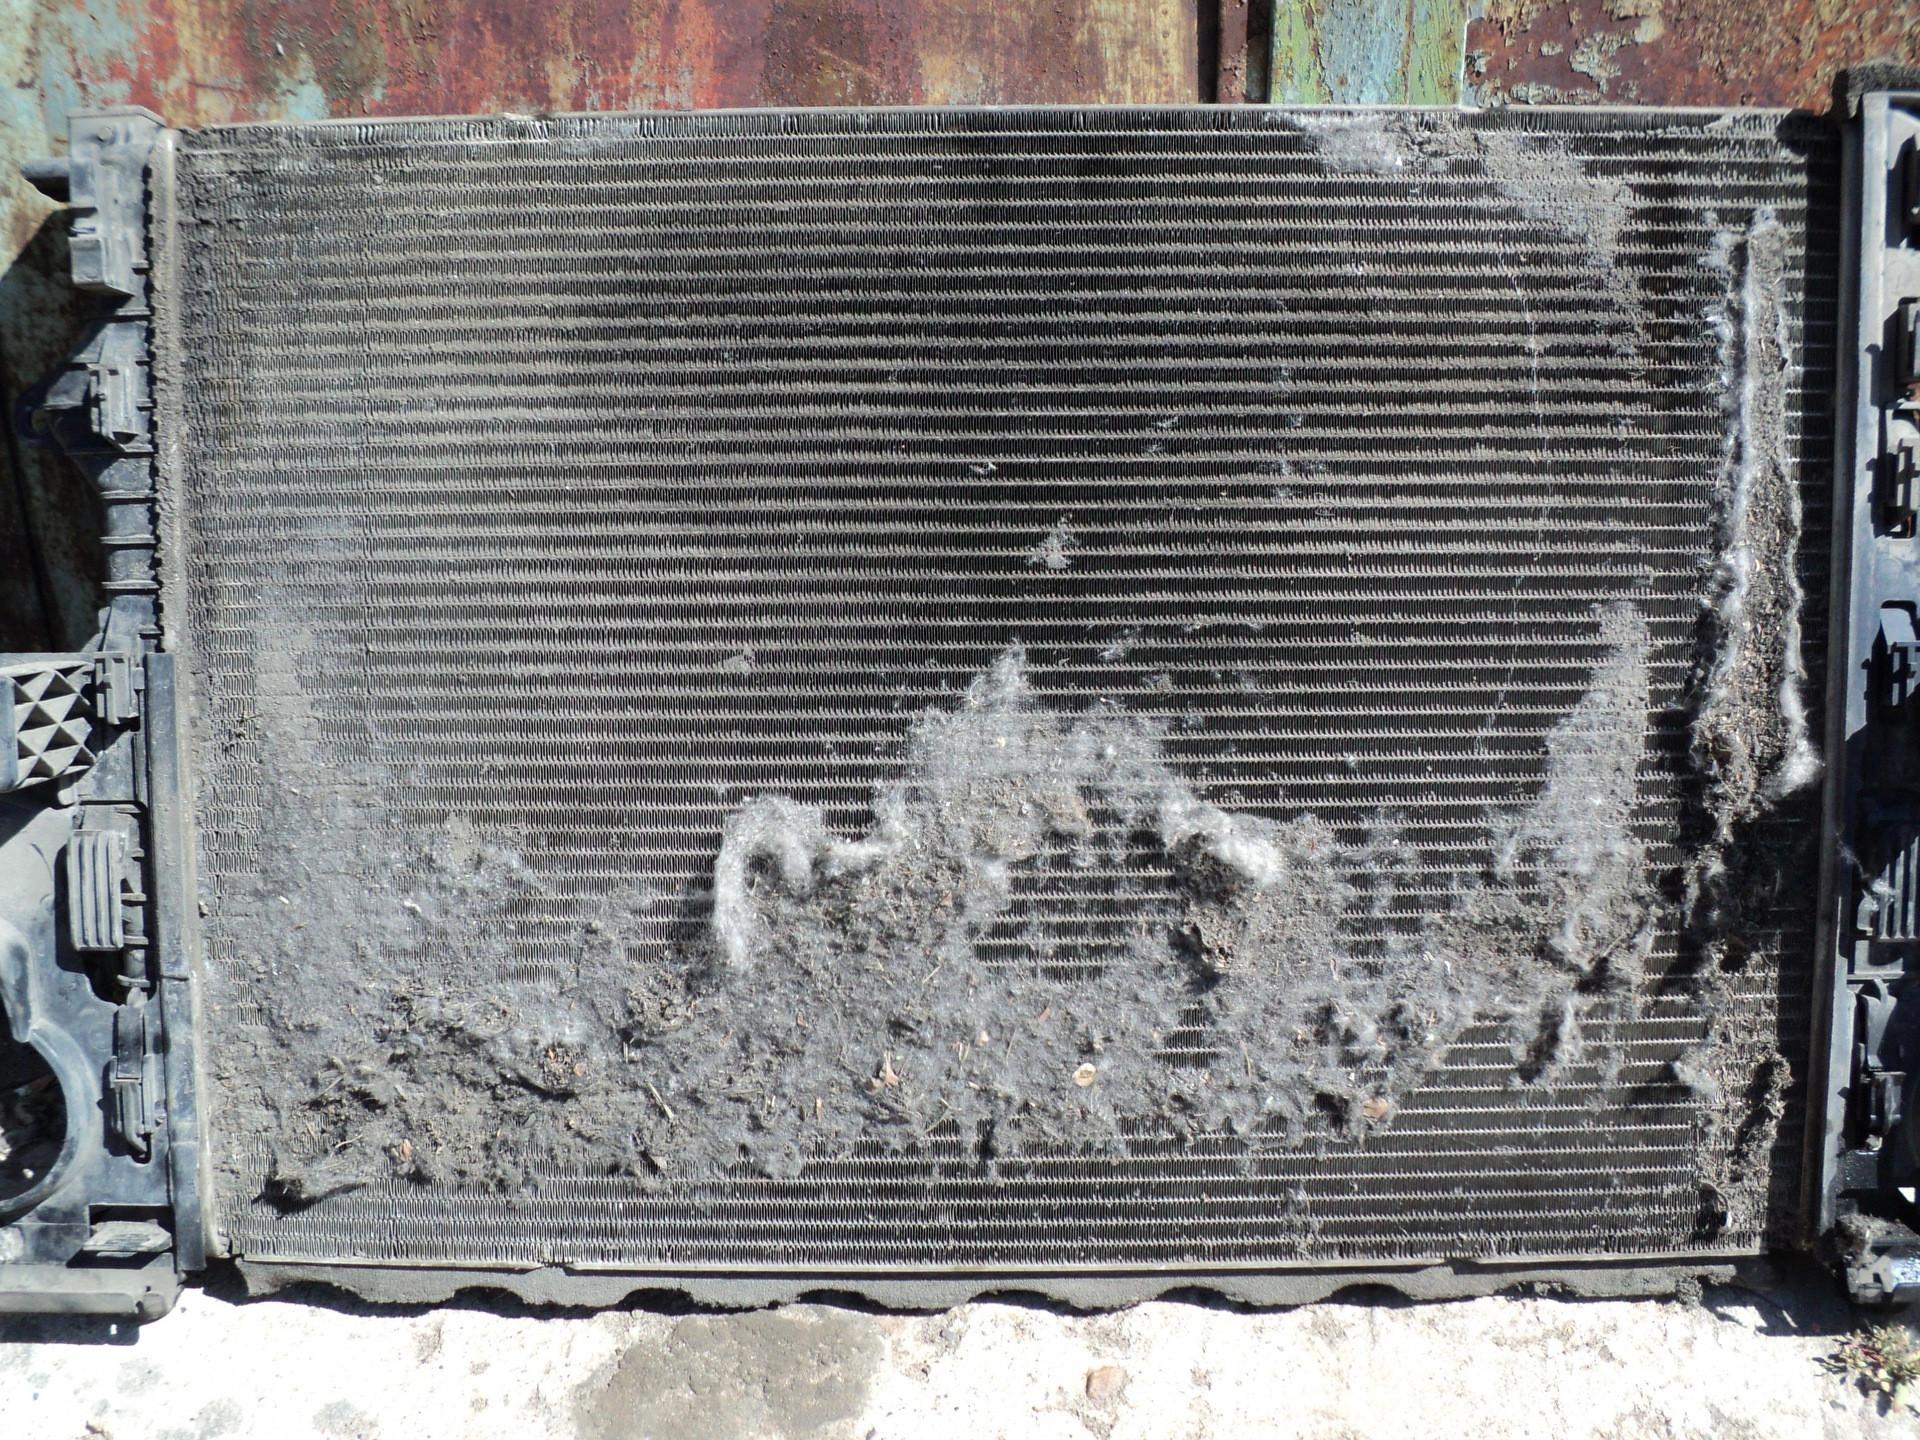 Промывка радиаторов автомобиля